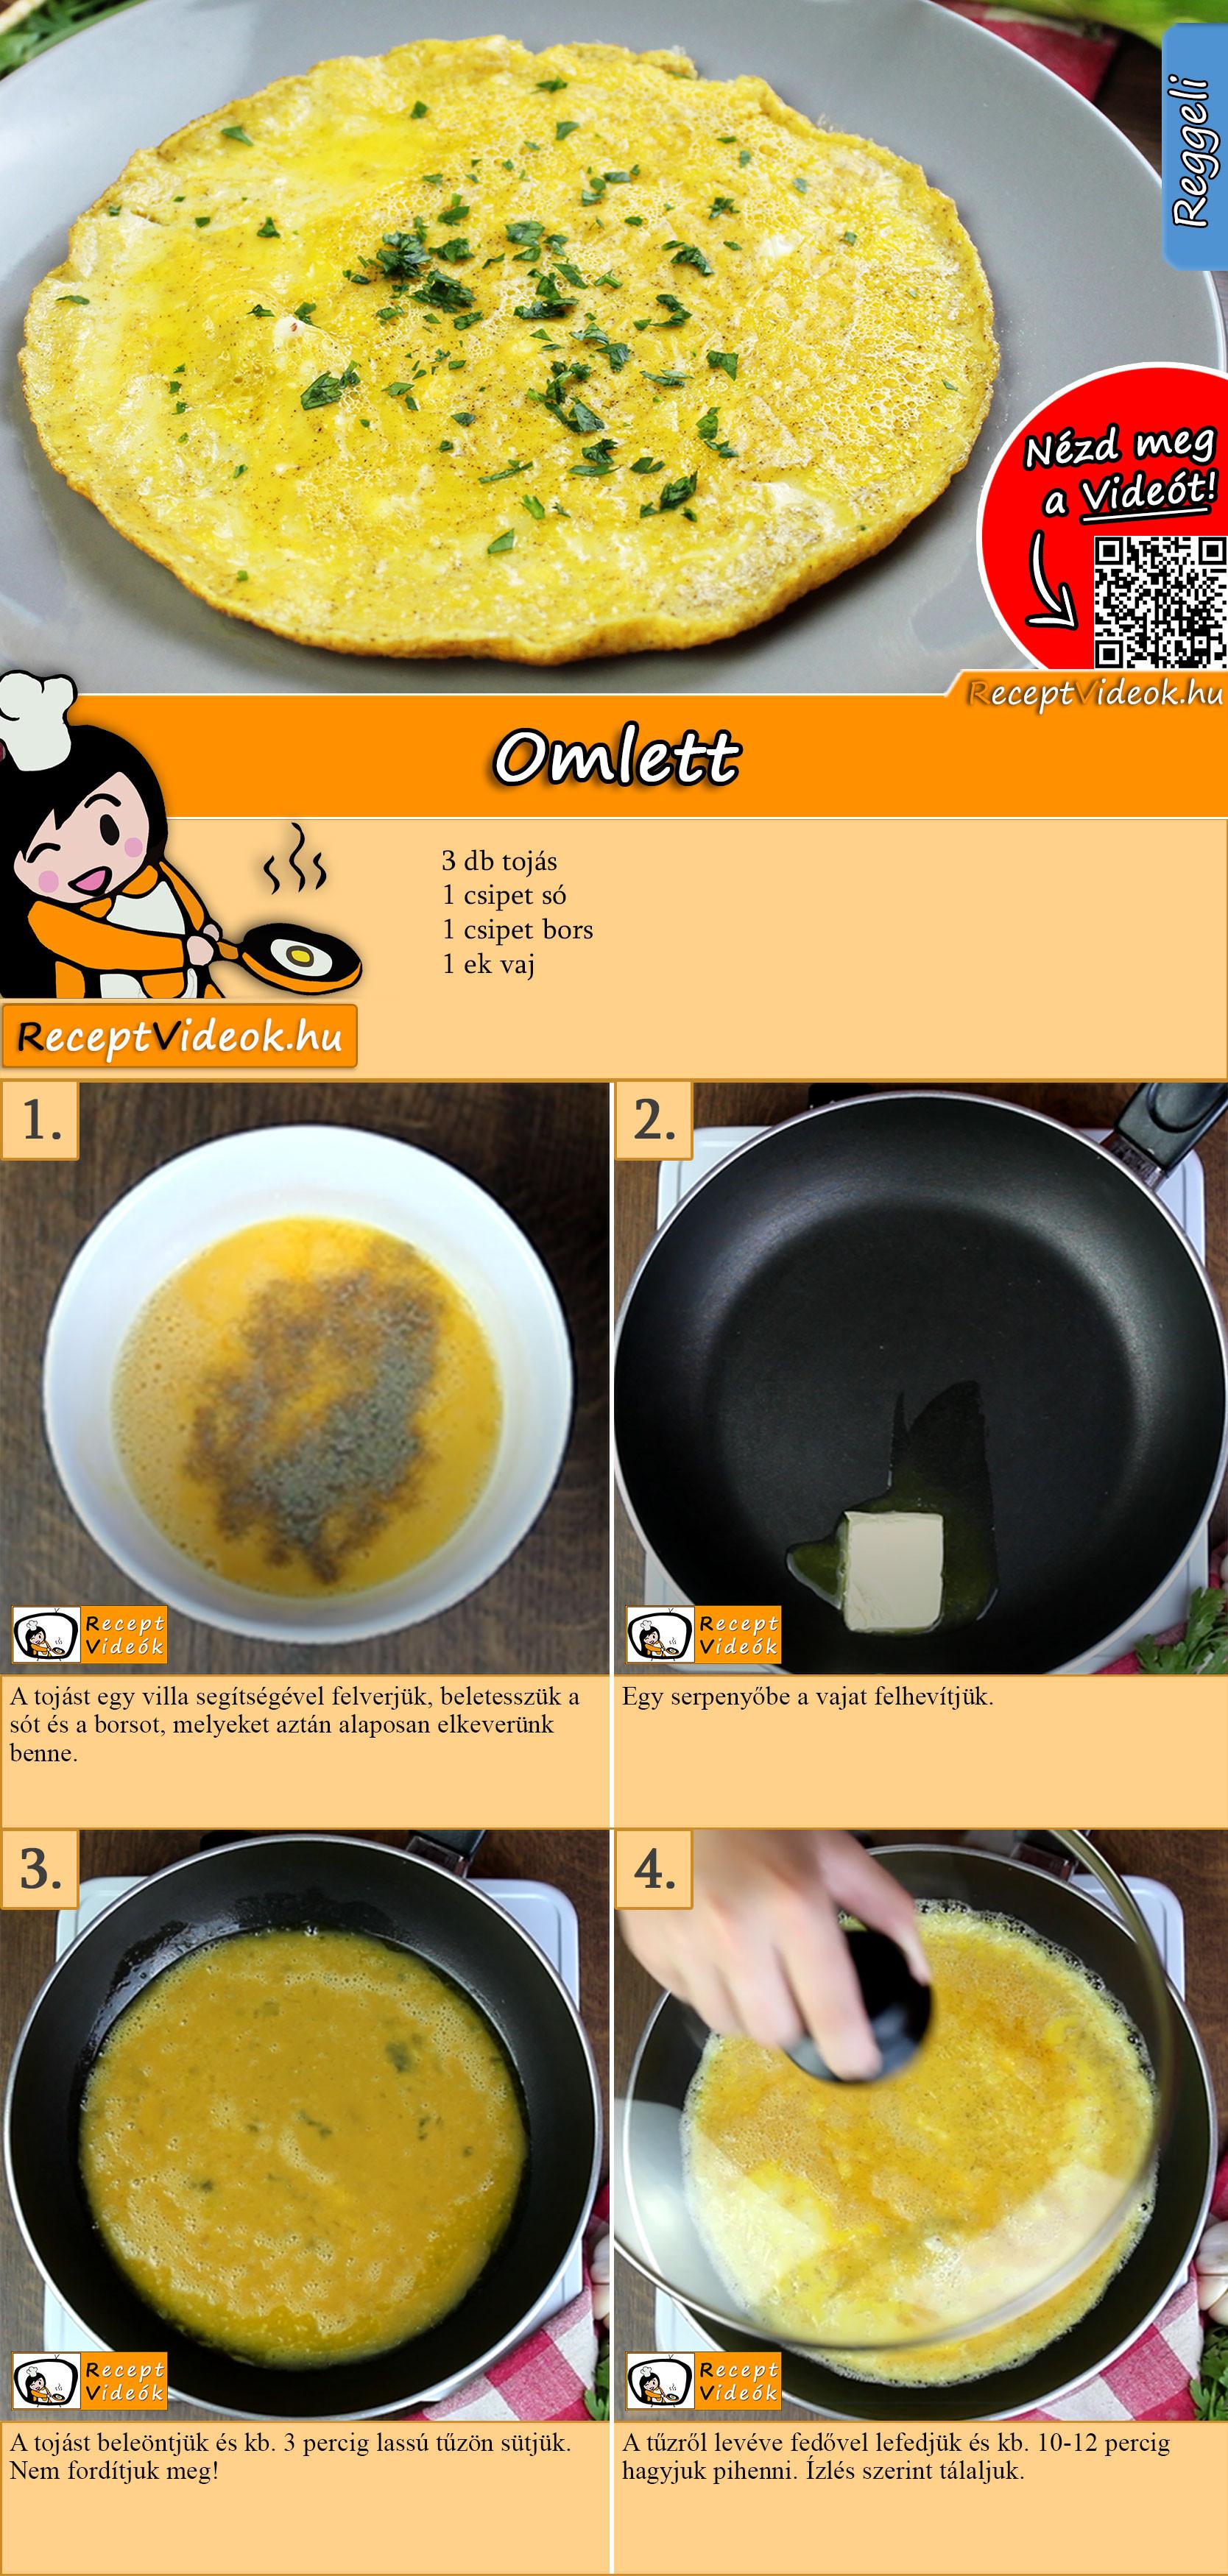 Omlett recept elkészítése videóval